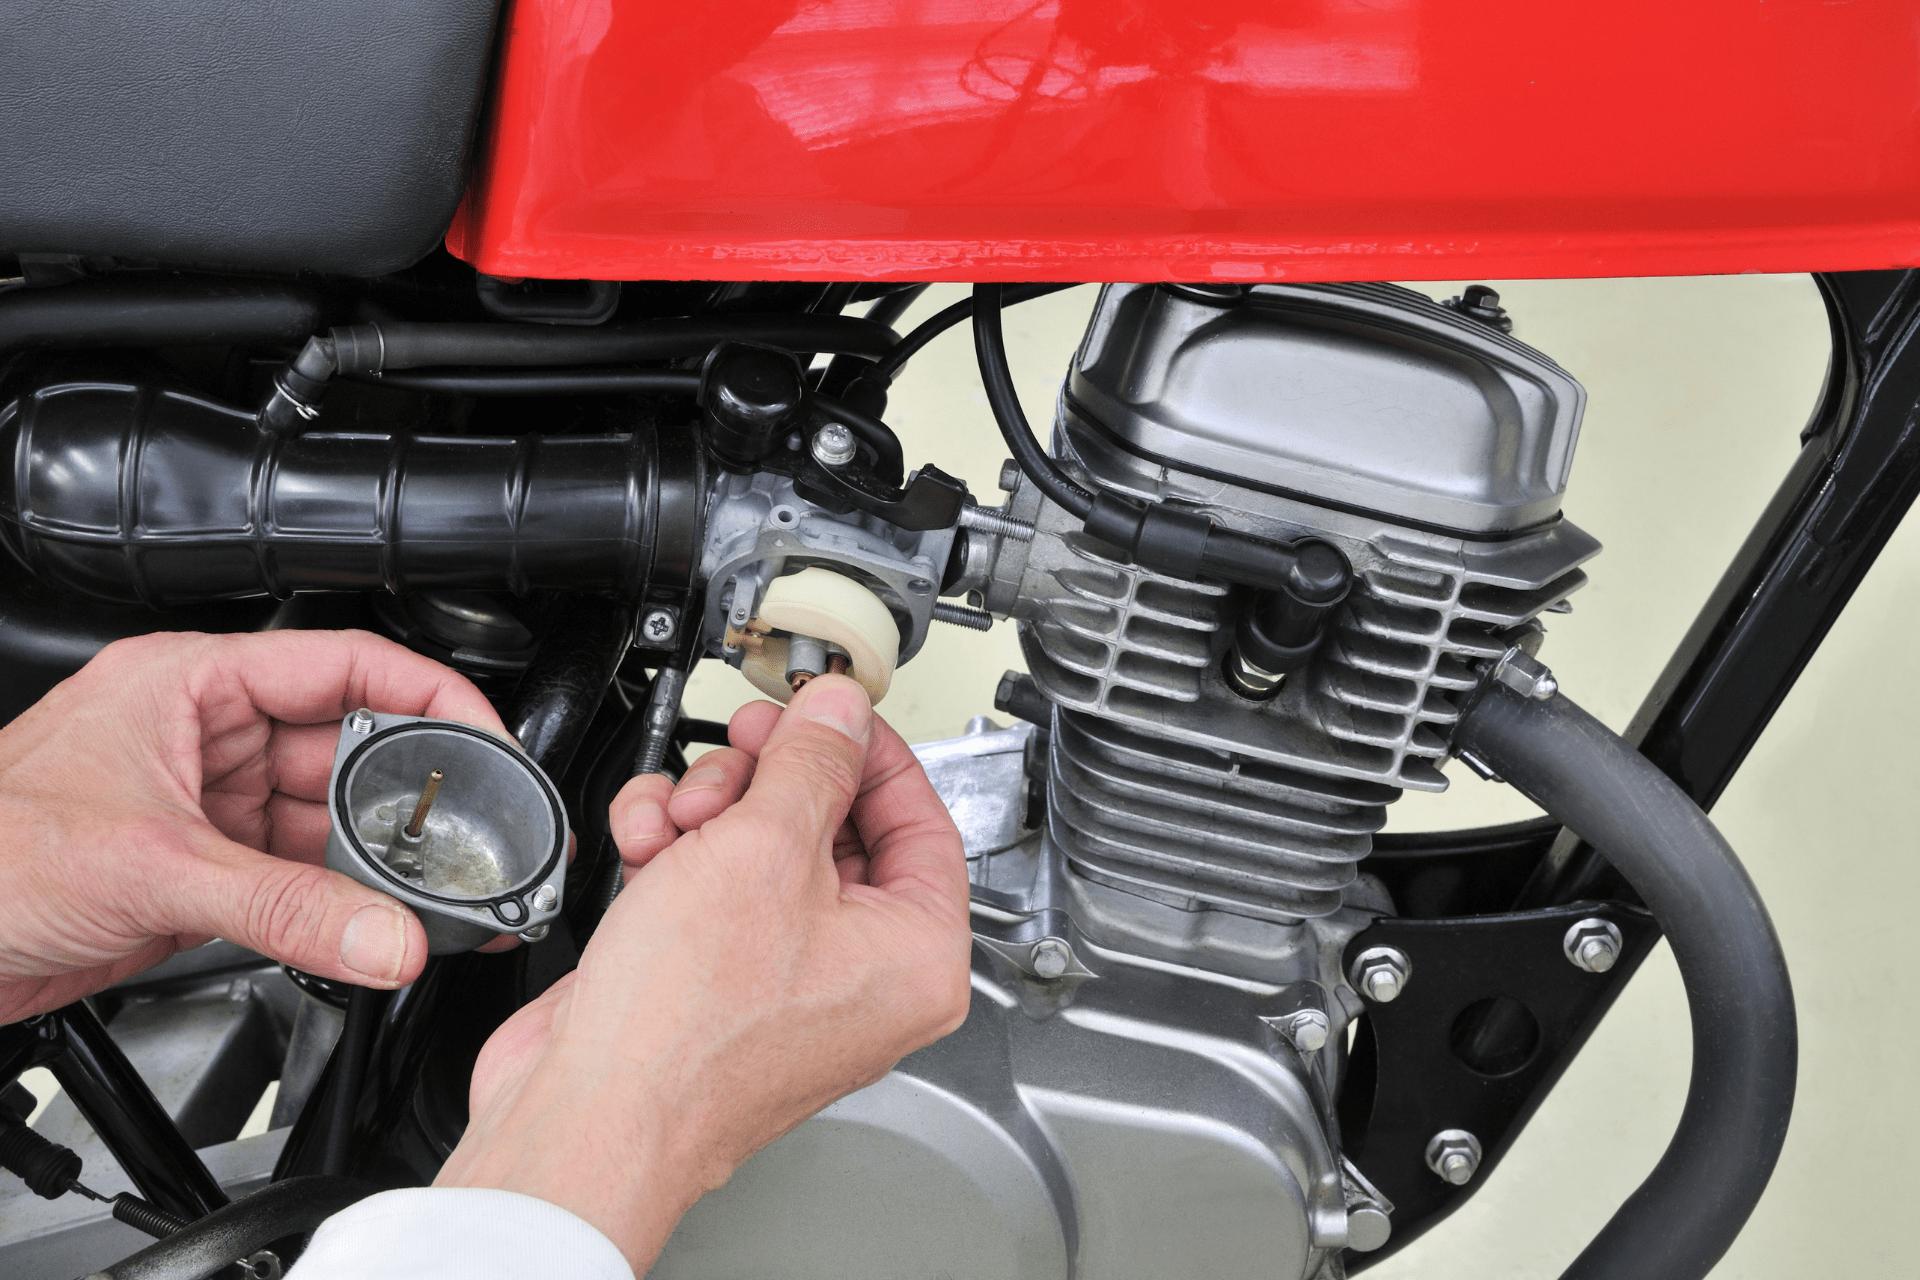 tīrīt motocikla karburatoru